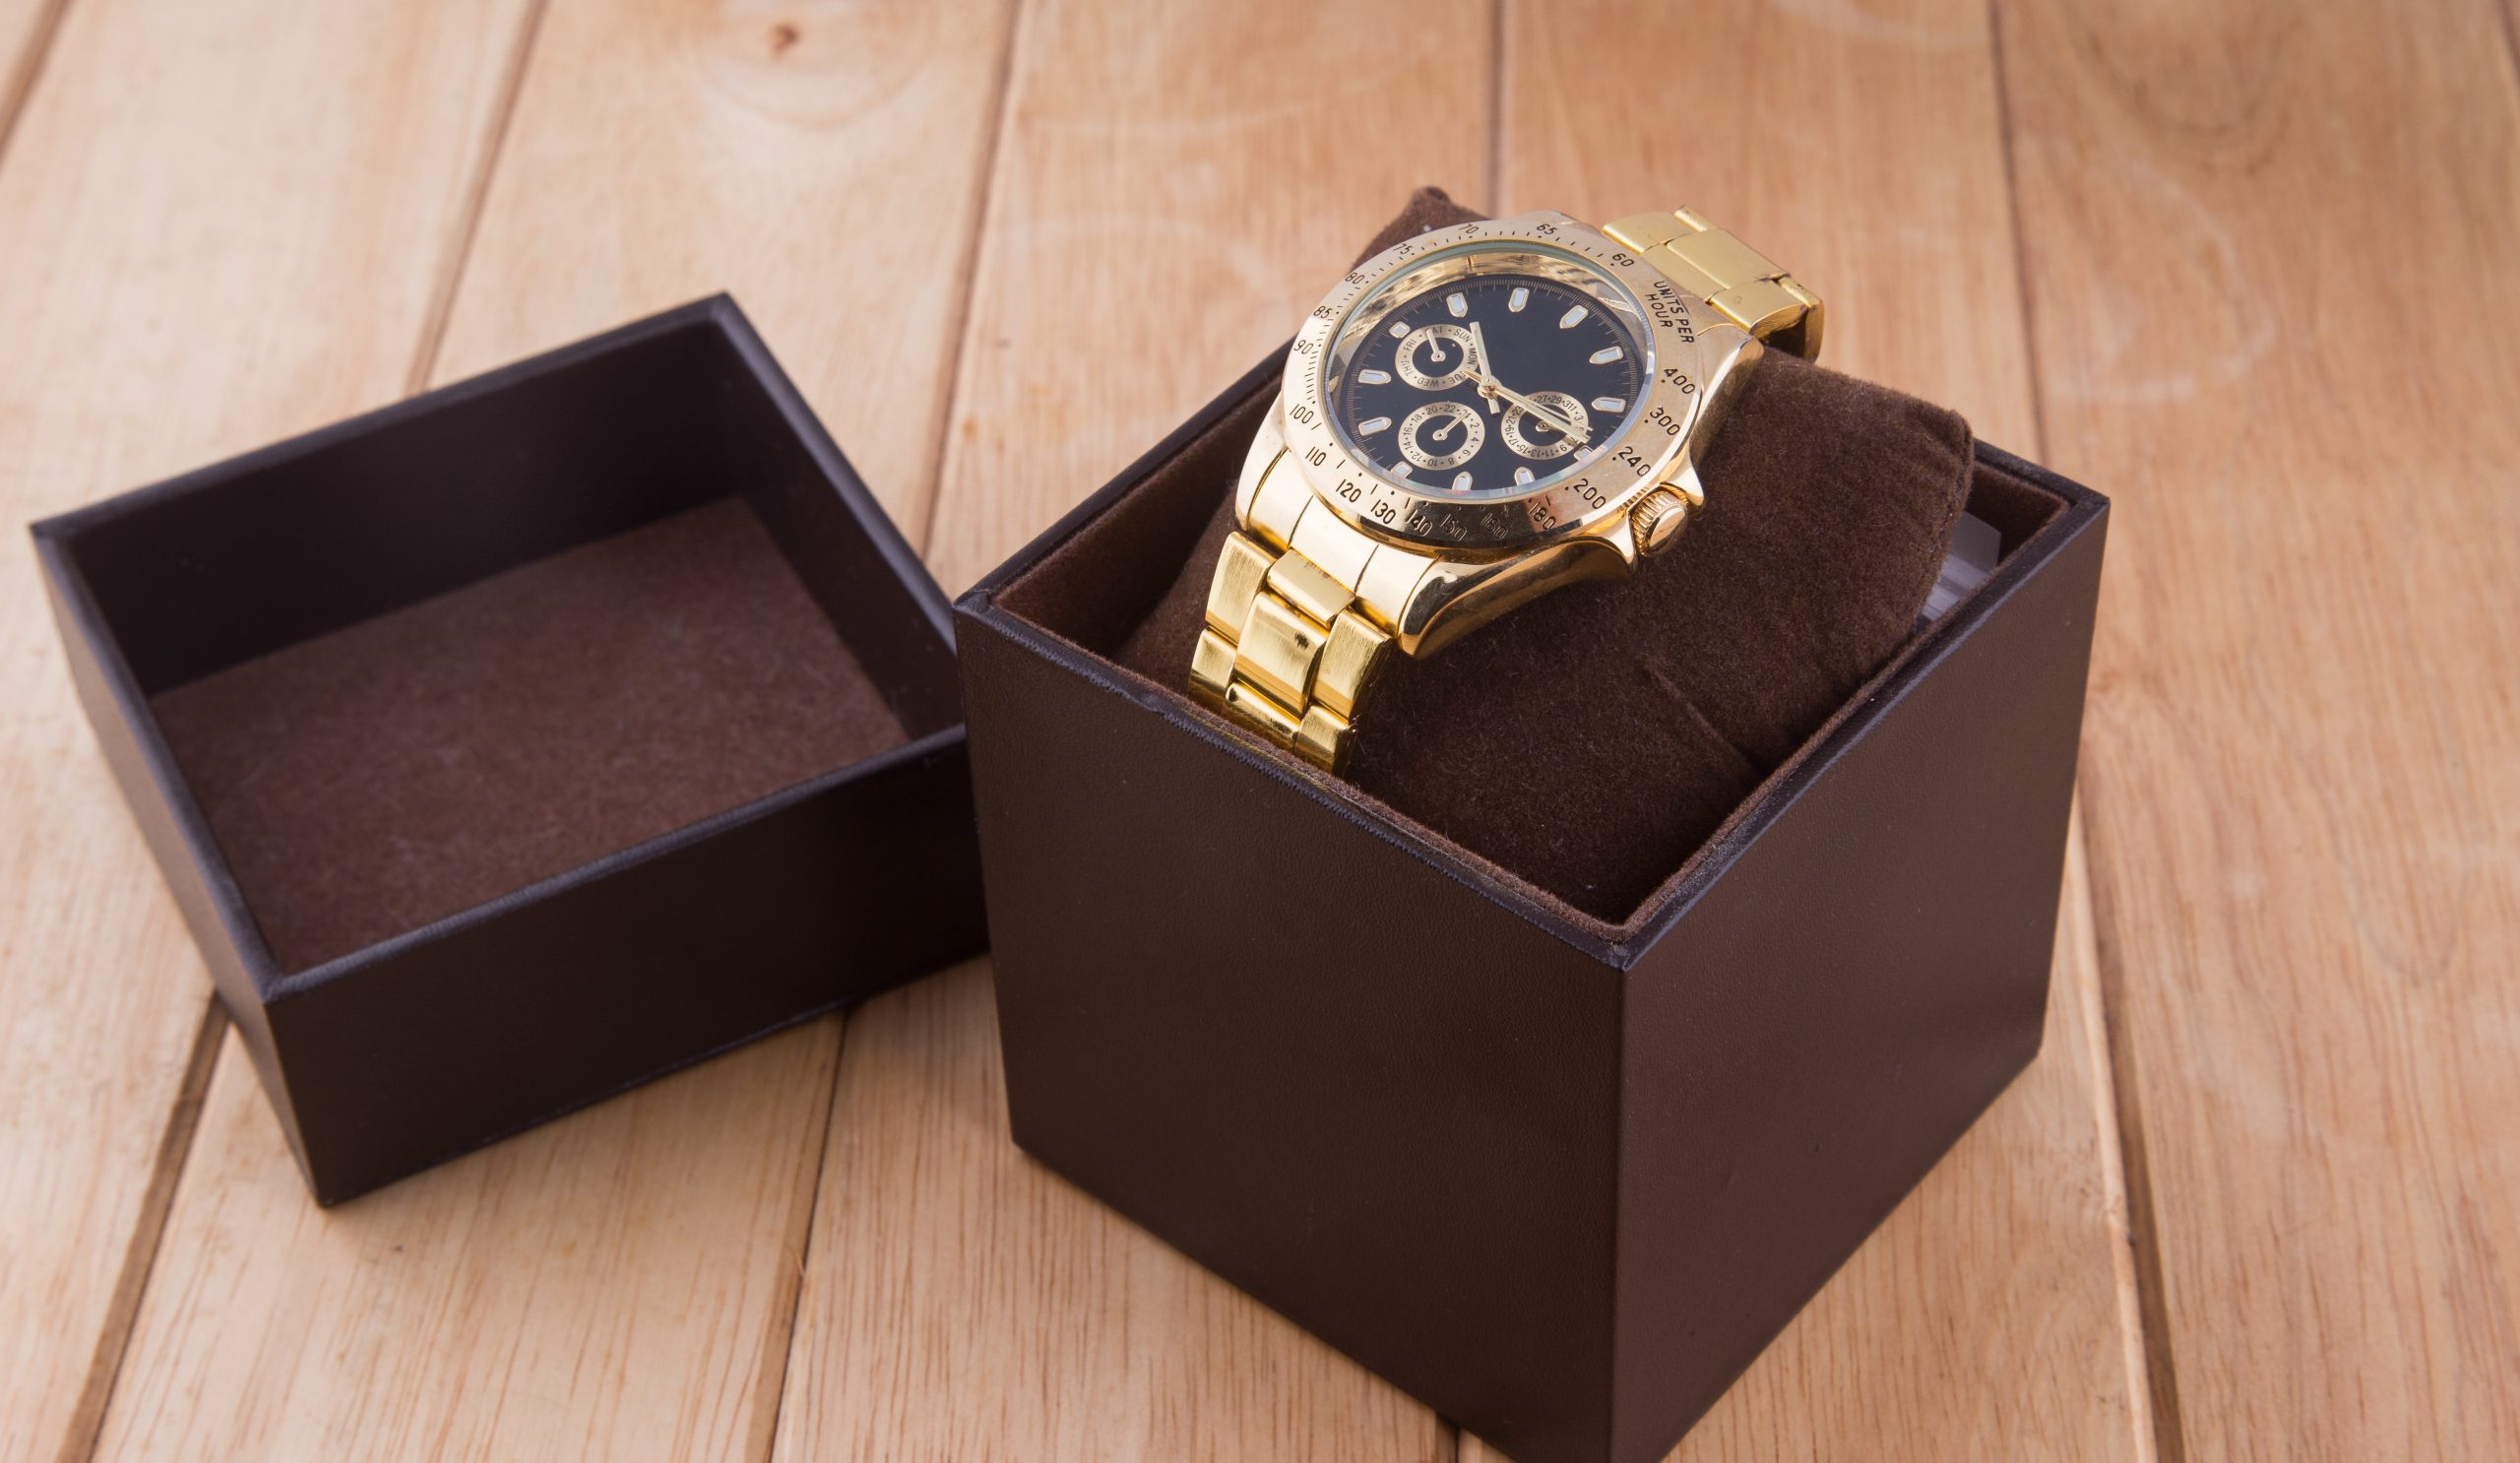 Miglior orologio uomo 2021: Guida all'acquisto